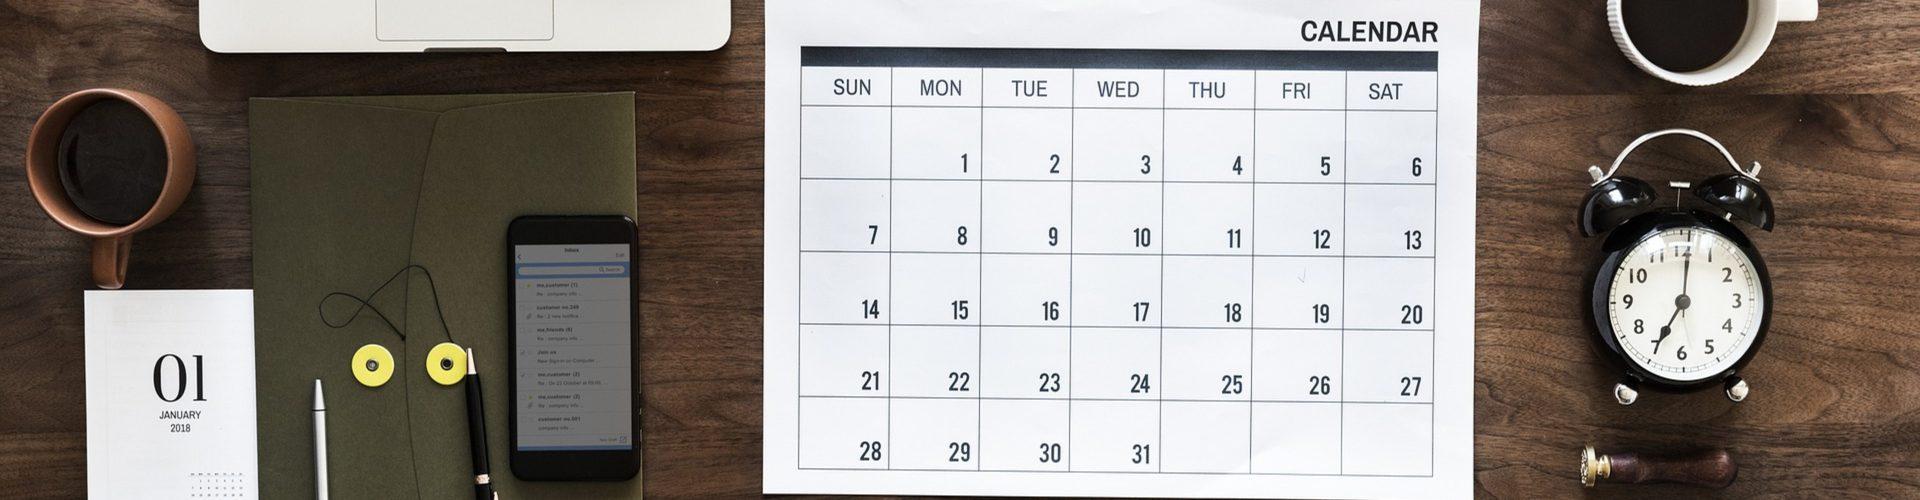 Blogging content calendar